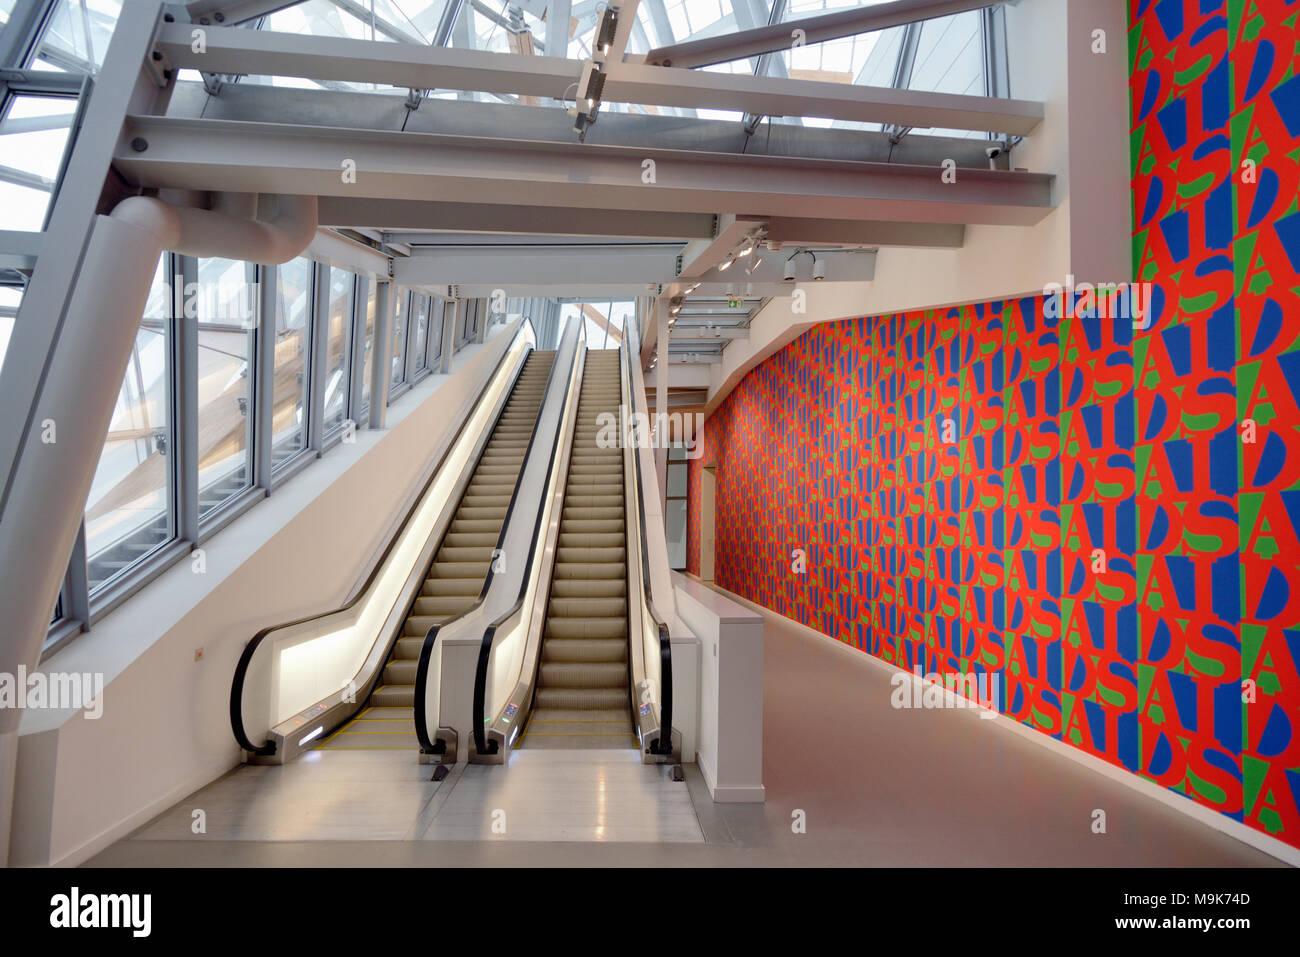 Scale mobili & Aids carta da parati in corridoio del Louis Vuitton Fondazione Art Museum & Cultural Center (2006-14) progettato da Frank Gehry, Parigi, Francia Immagini Stock